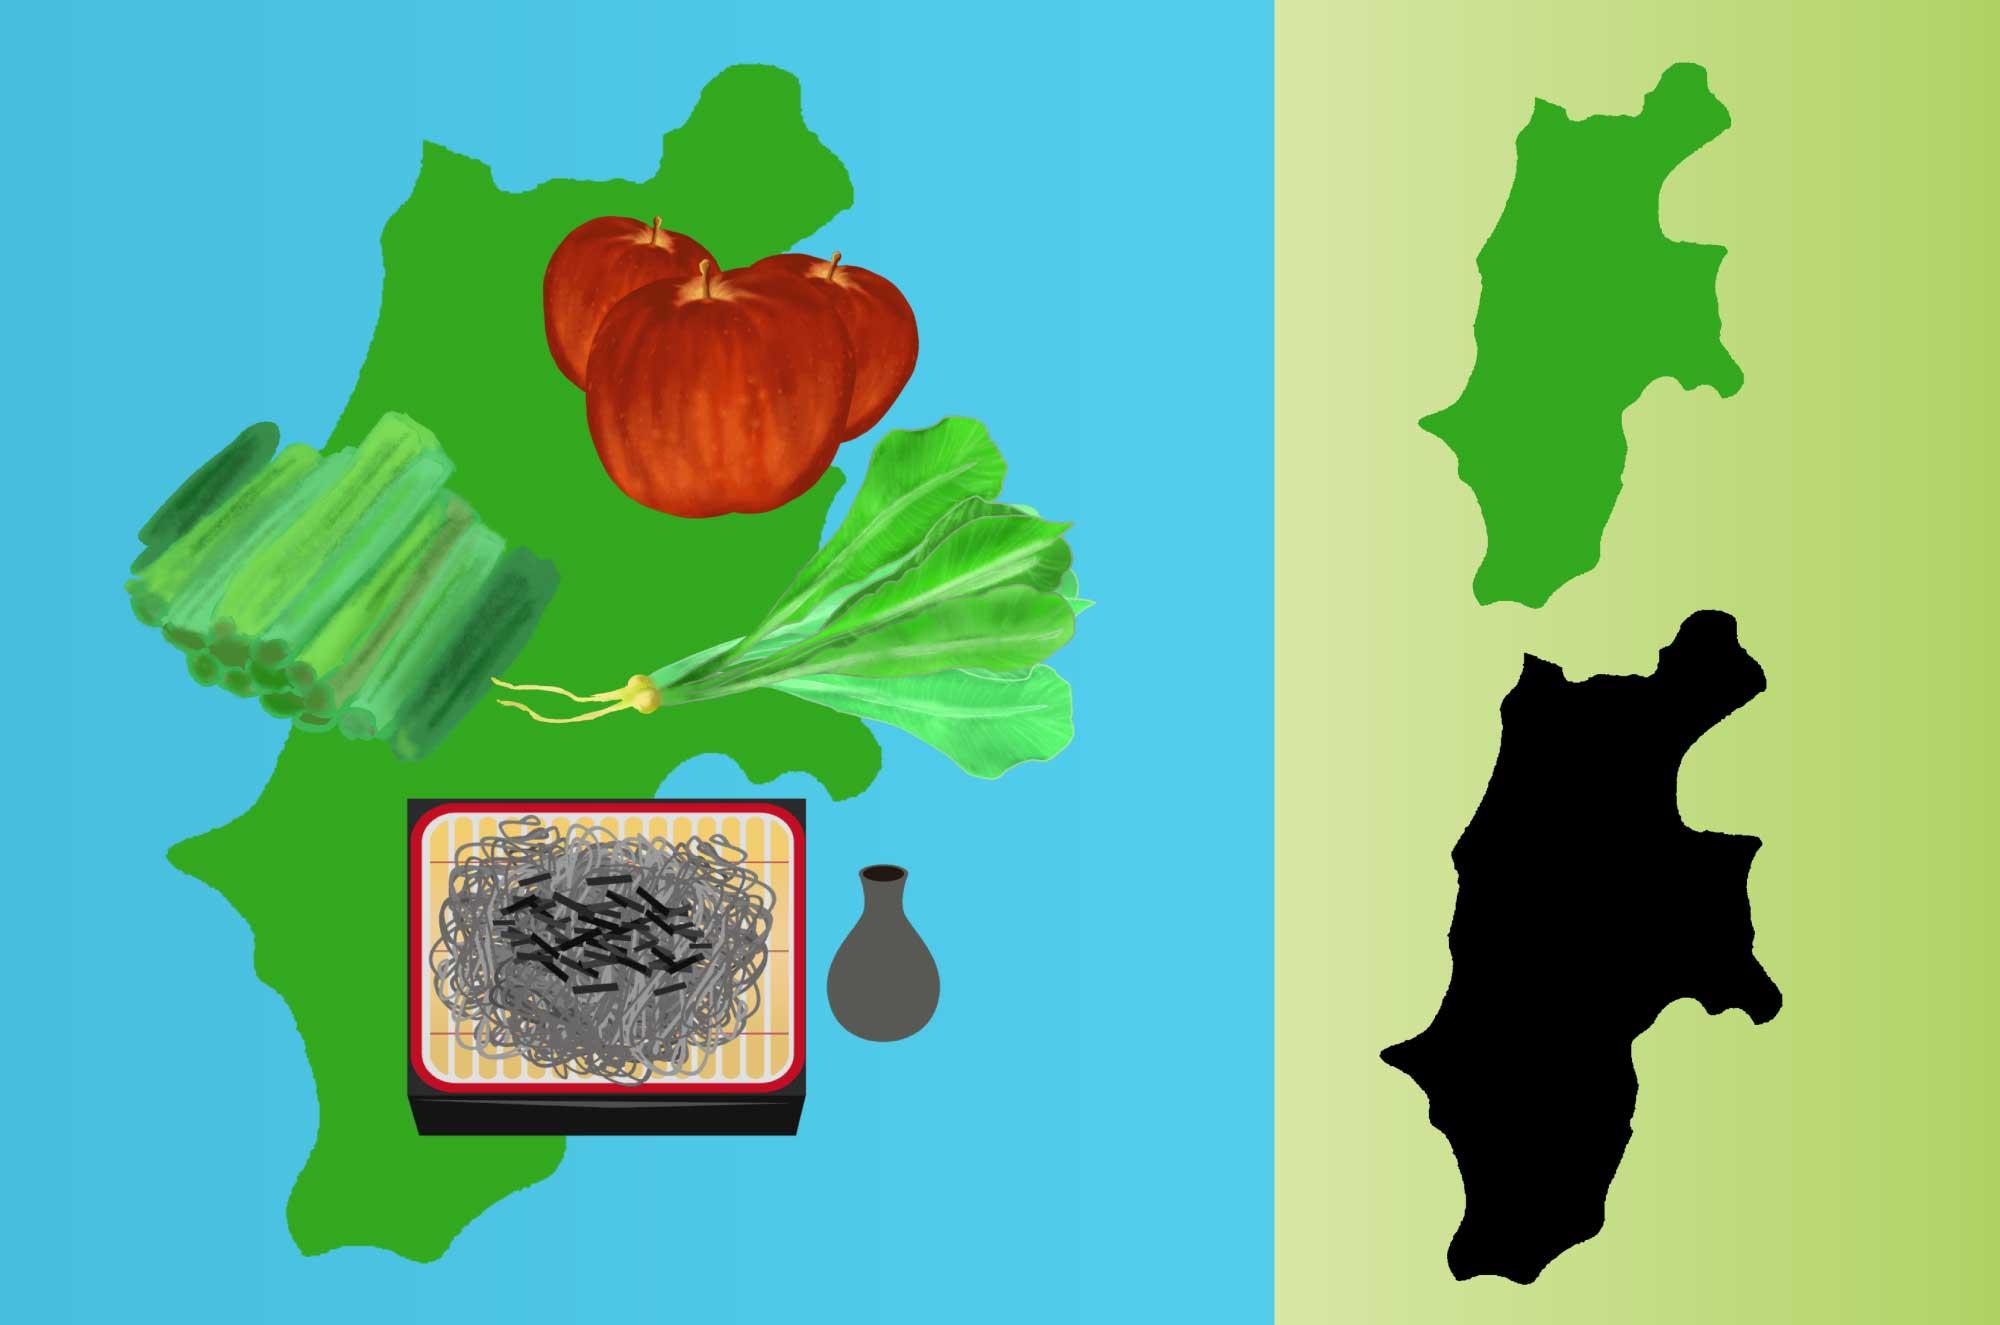 長野の無料イラスト - フリーで使える地域・大陸素材